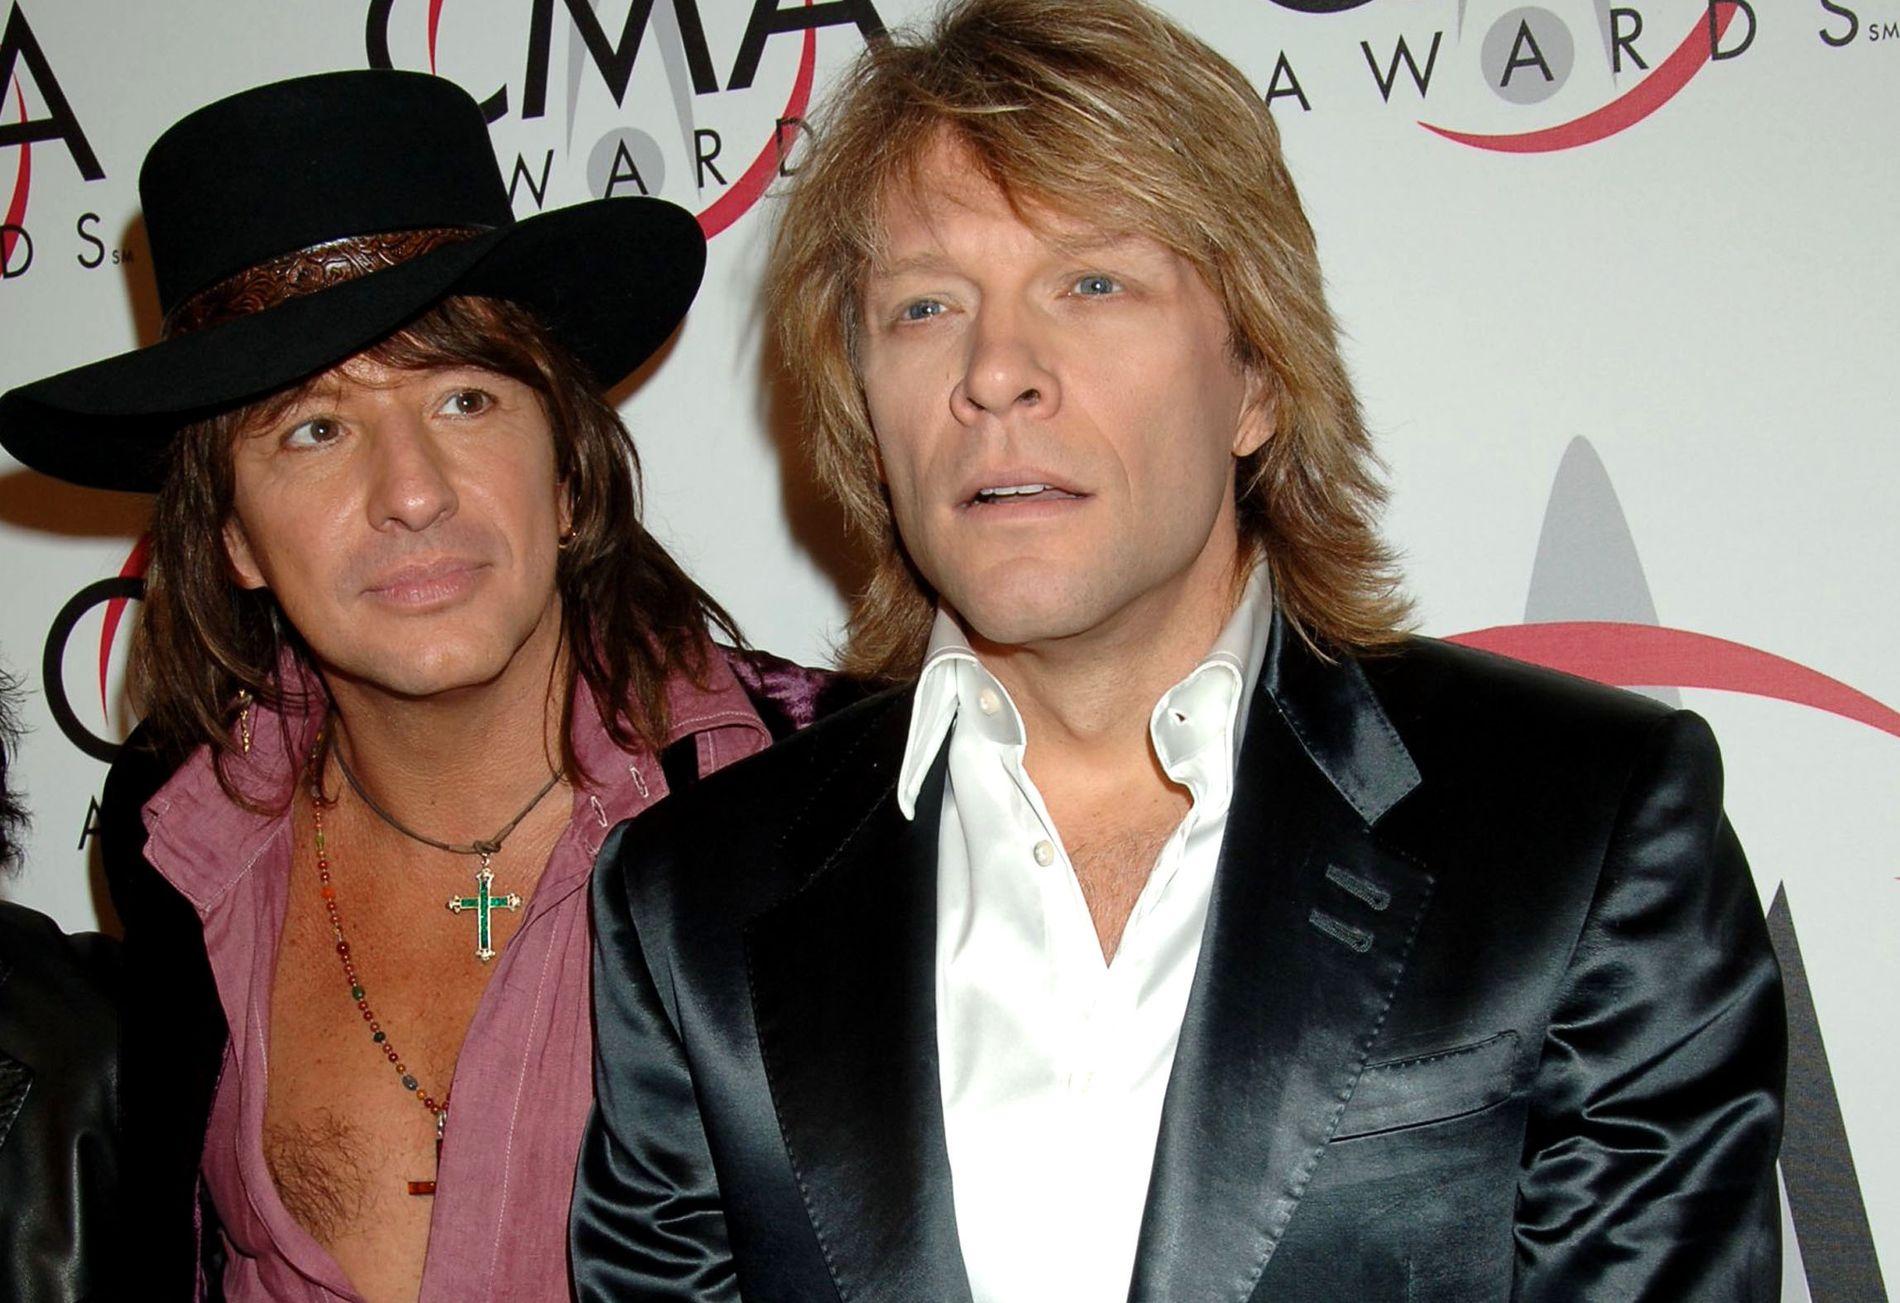 GLADDAGENE: Richie Samboar og Jon Bon Jovi sammen mens førstnevnte fortsatt spilte i Bon Jovi.